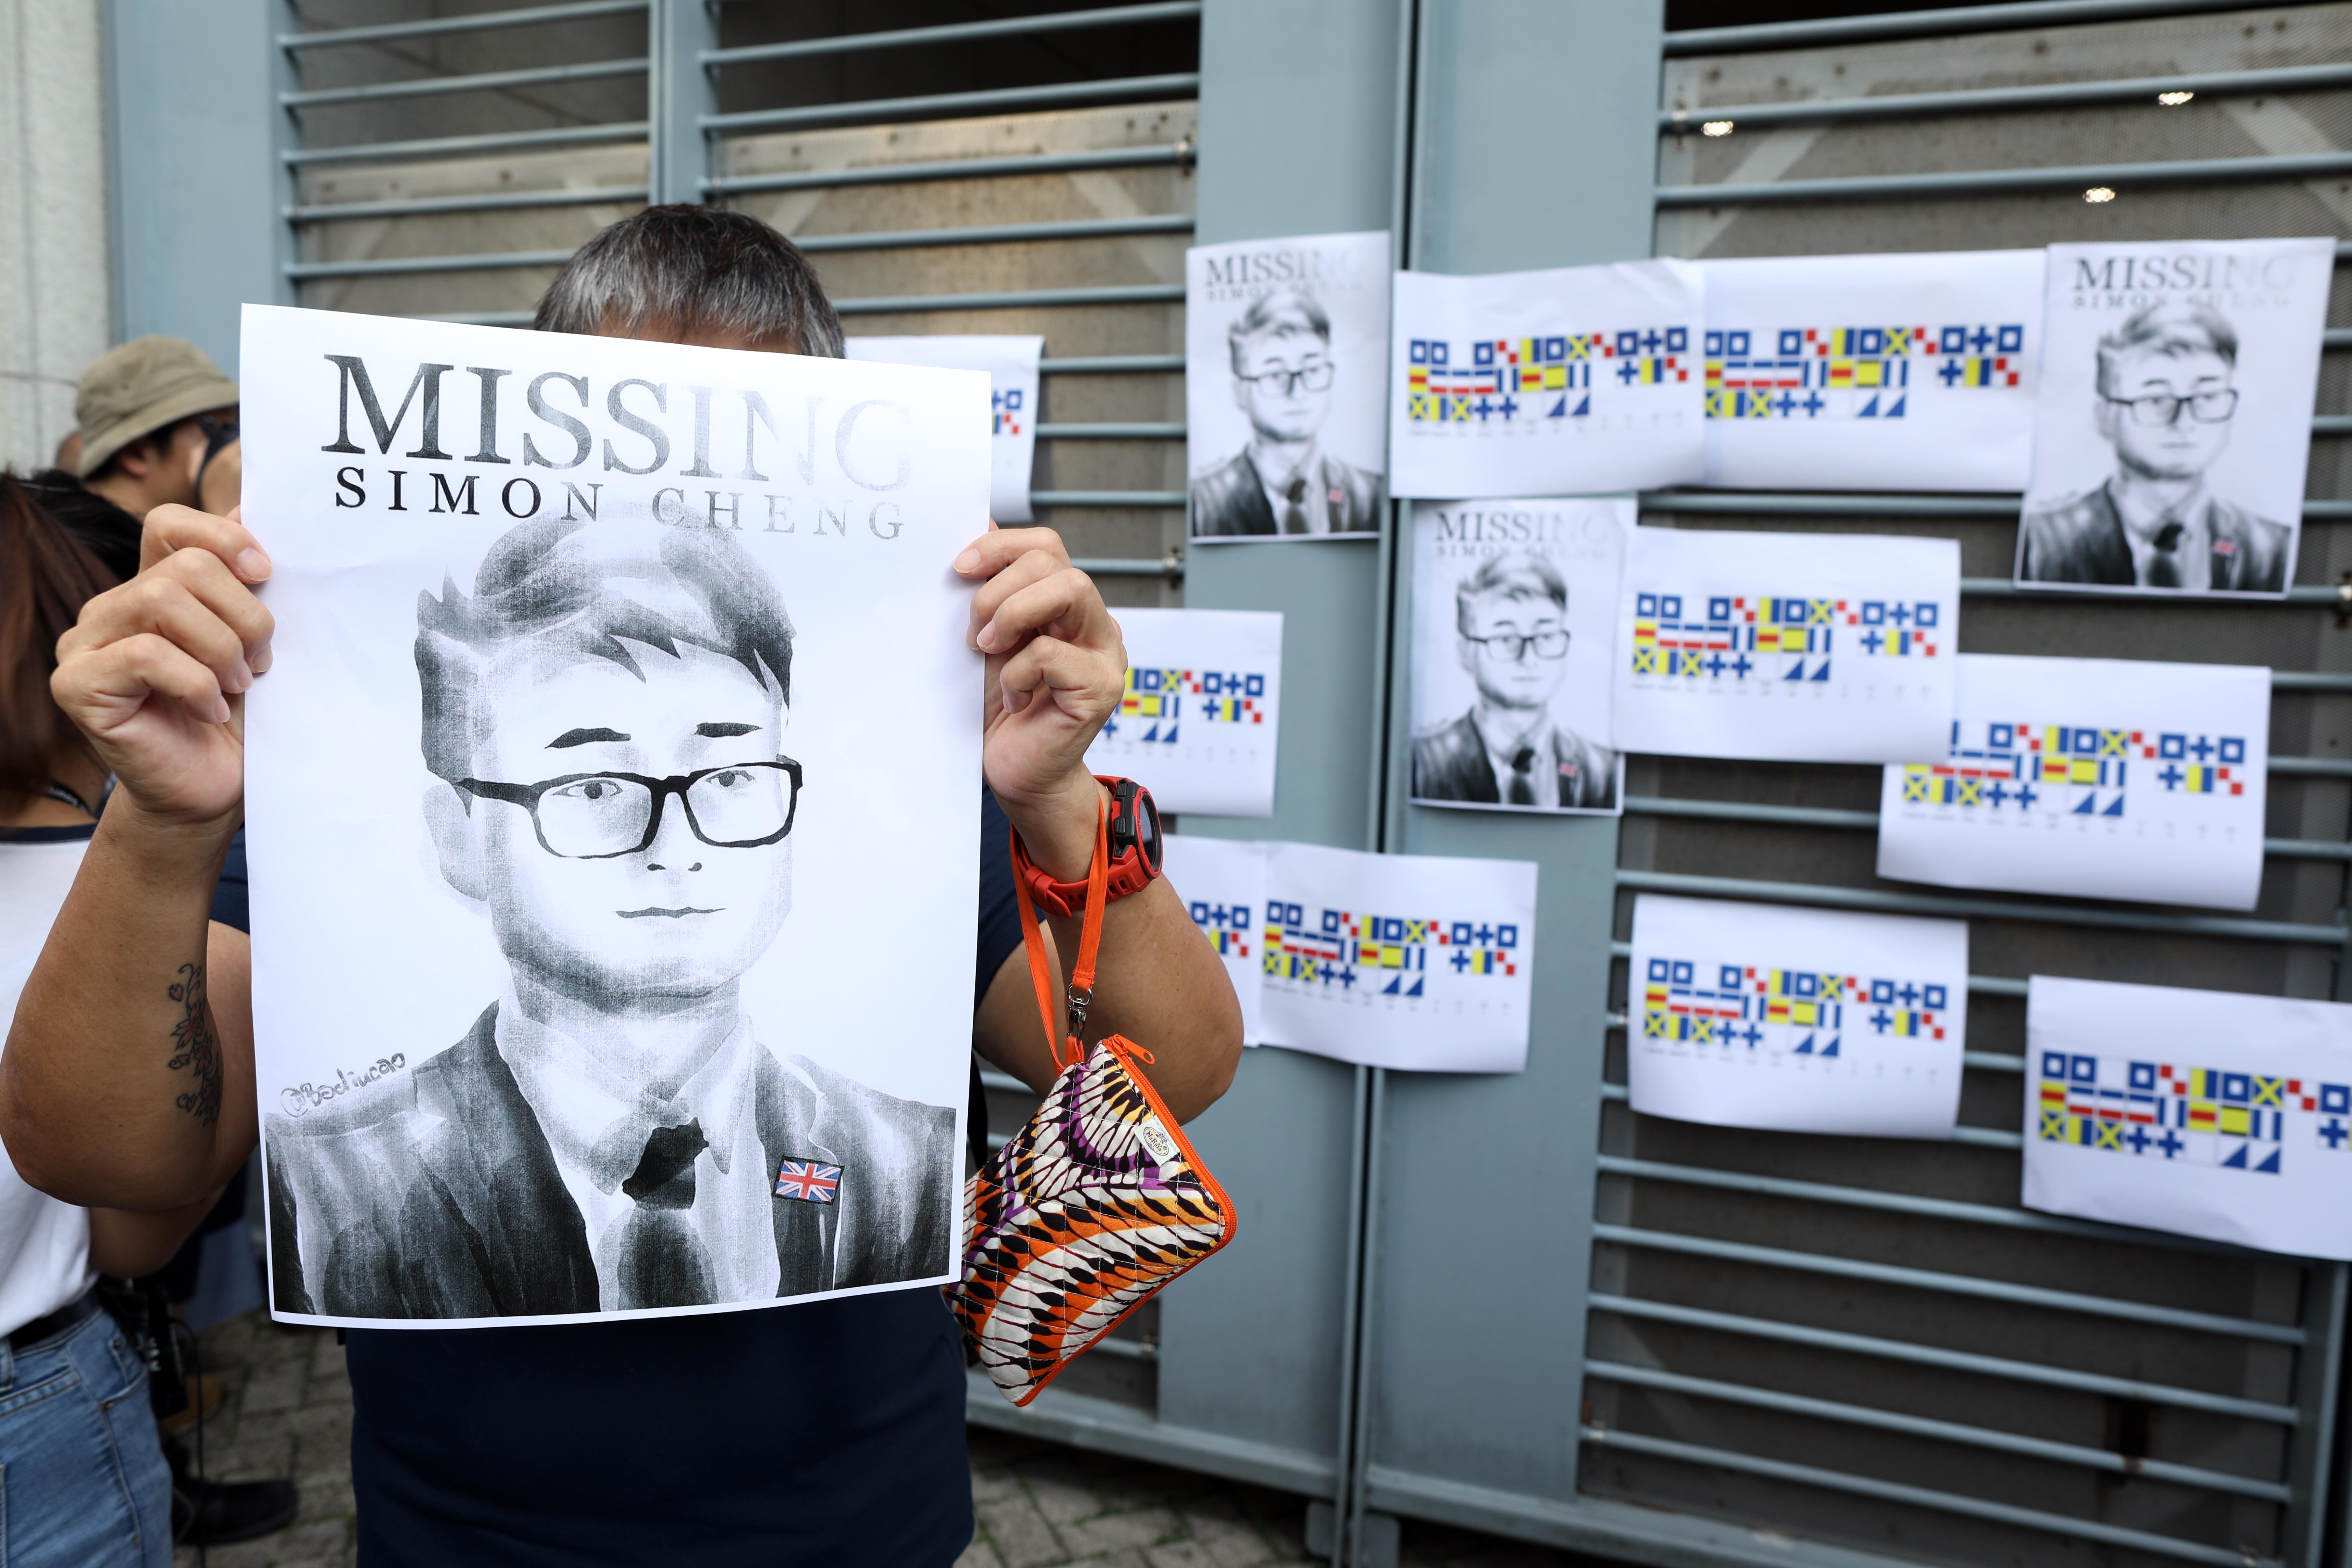 Megkínozták Kínában, állítja a hongkongi brit követség augusztusban letartóztatott munkatársa